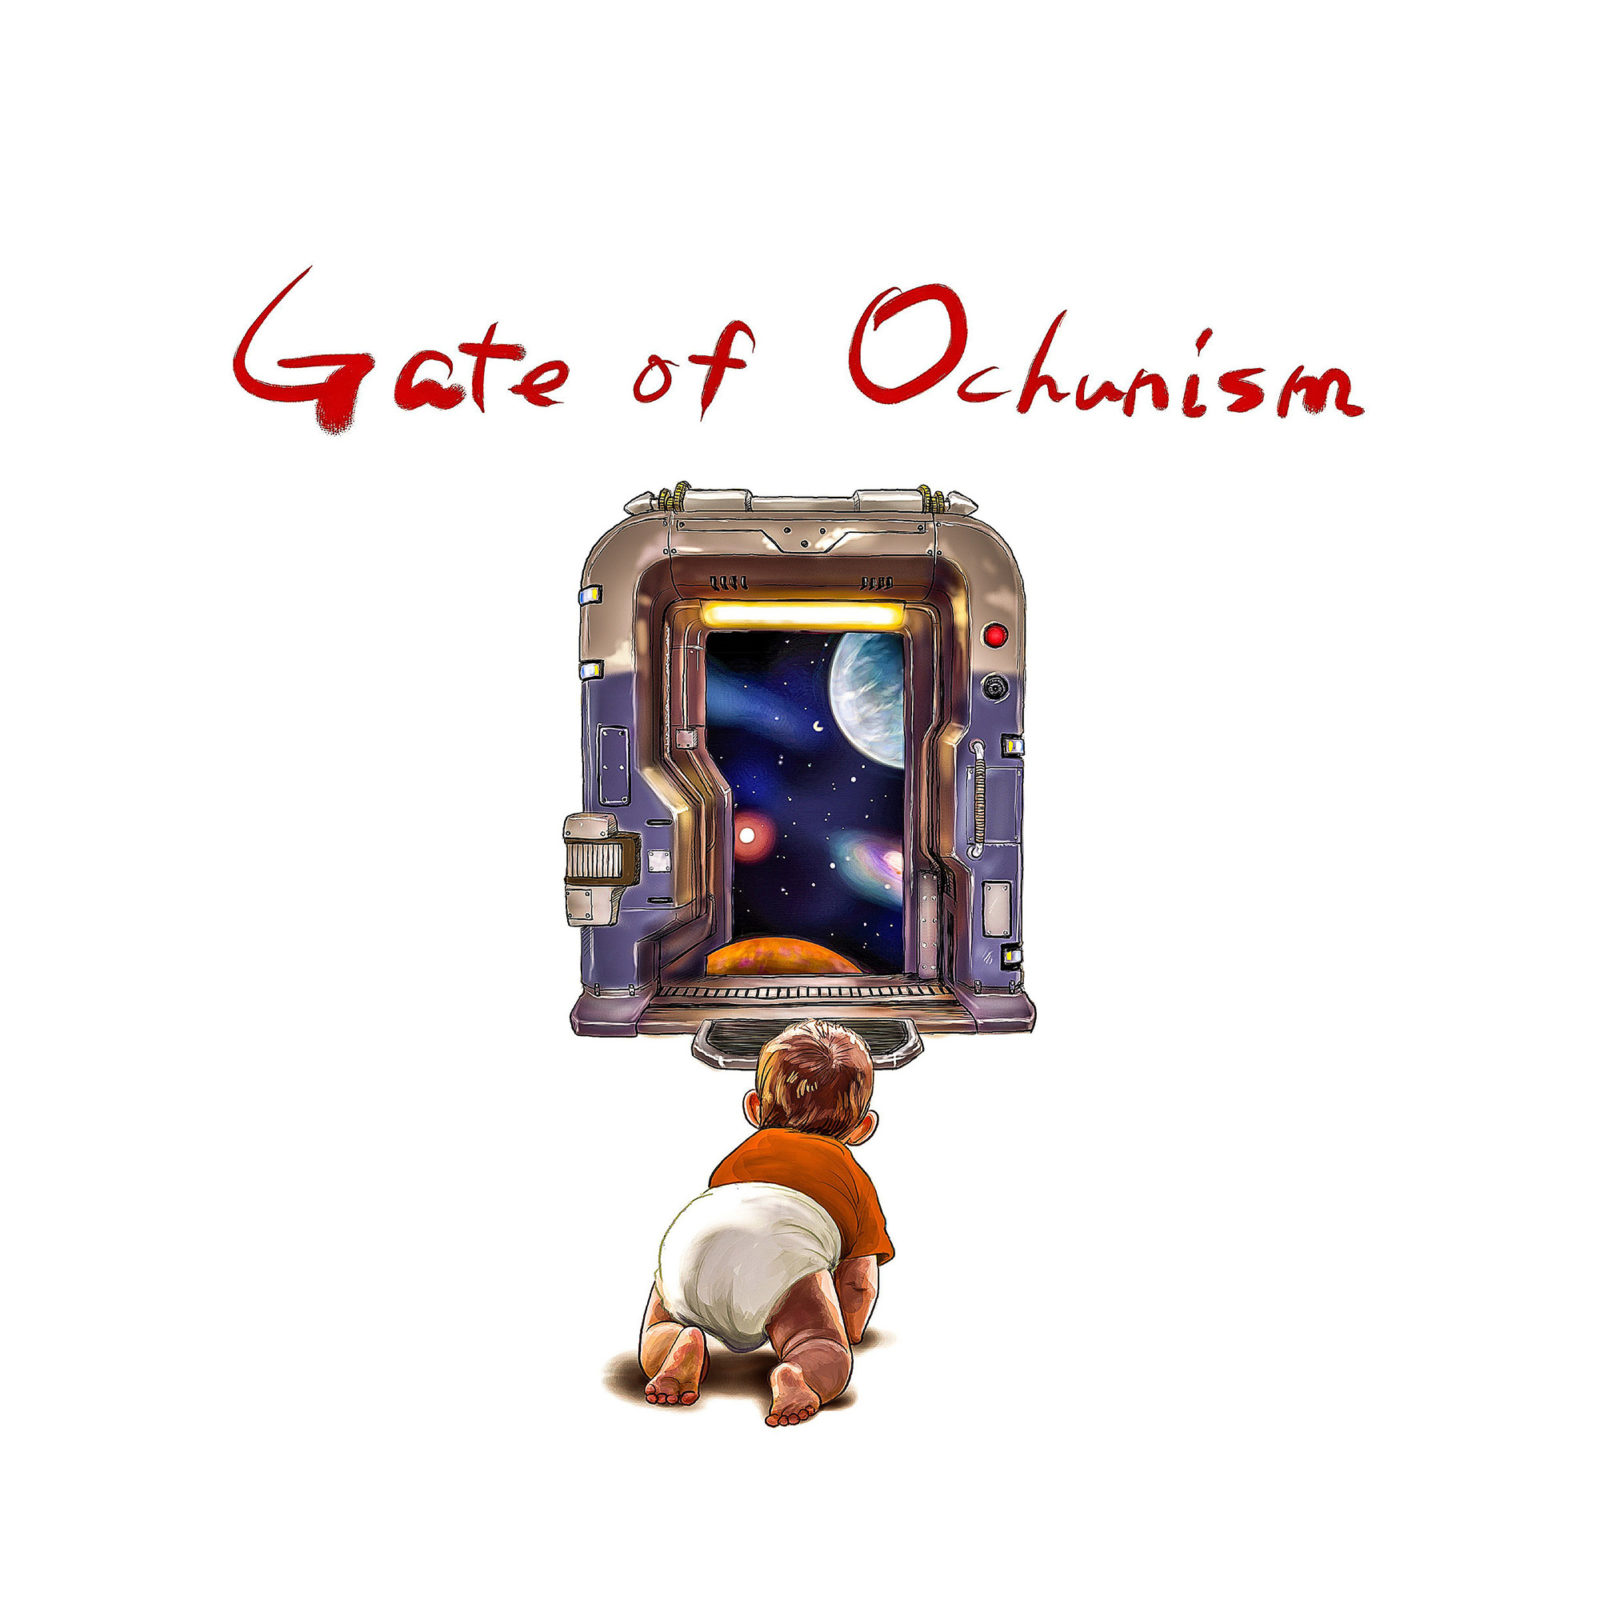 ライブハウスシーンに突如現れた謎の6人組、Ochunismの初全国流通盤「Gate of Ochunism」全曲トレイラーを公開サムネイル画像